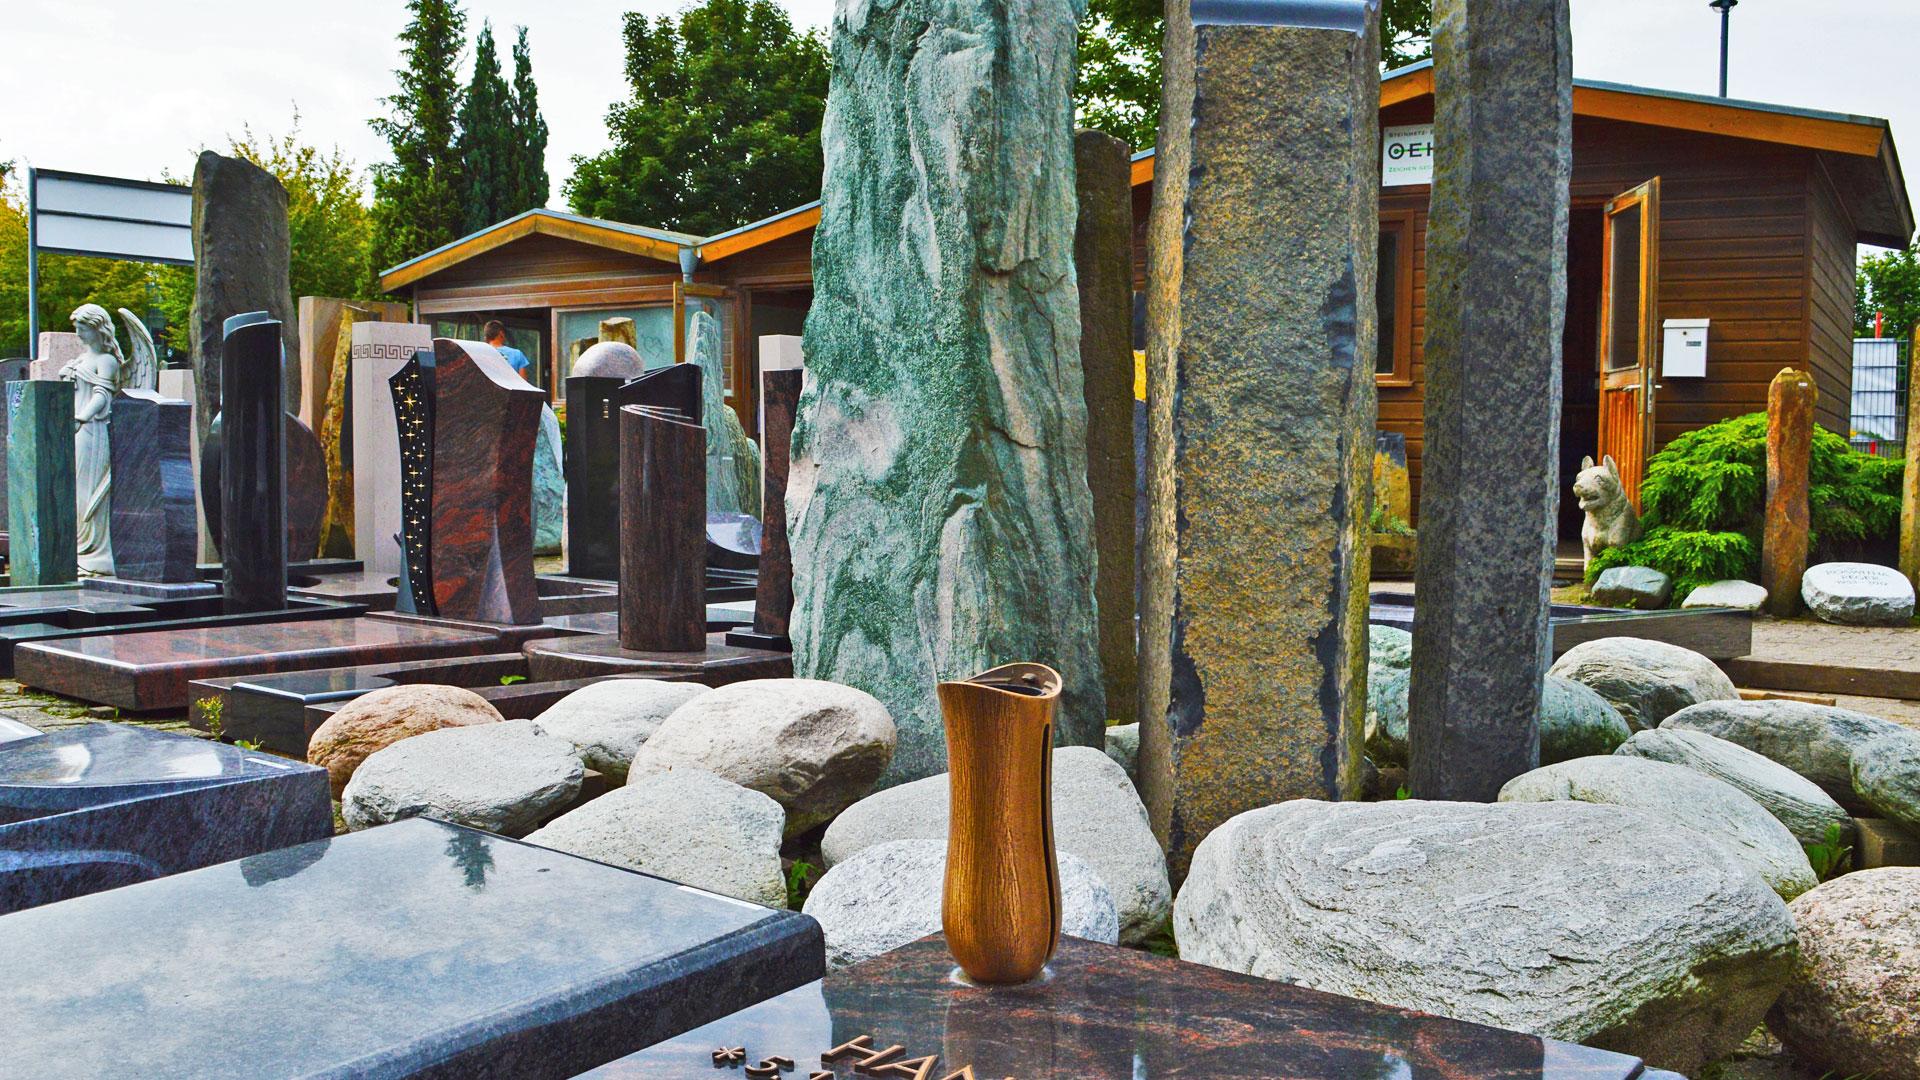 Bildhauer-Meisterbetrieb in Köln-Mühlheim